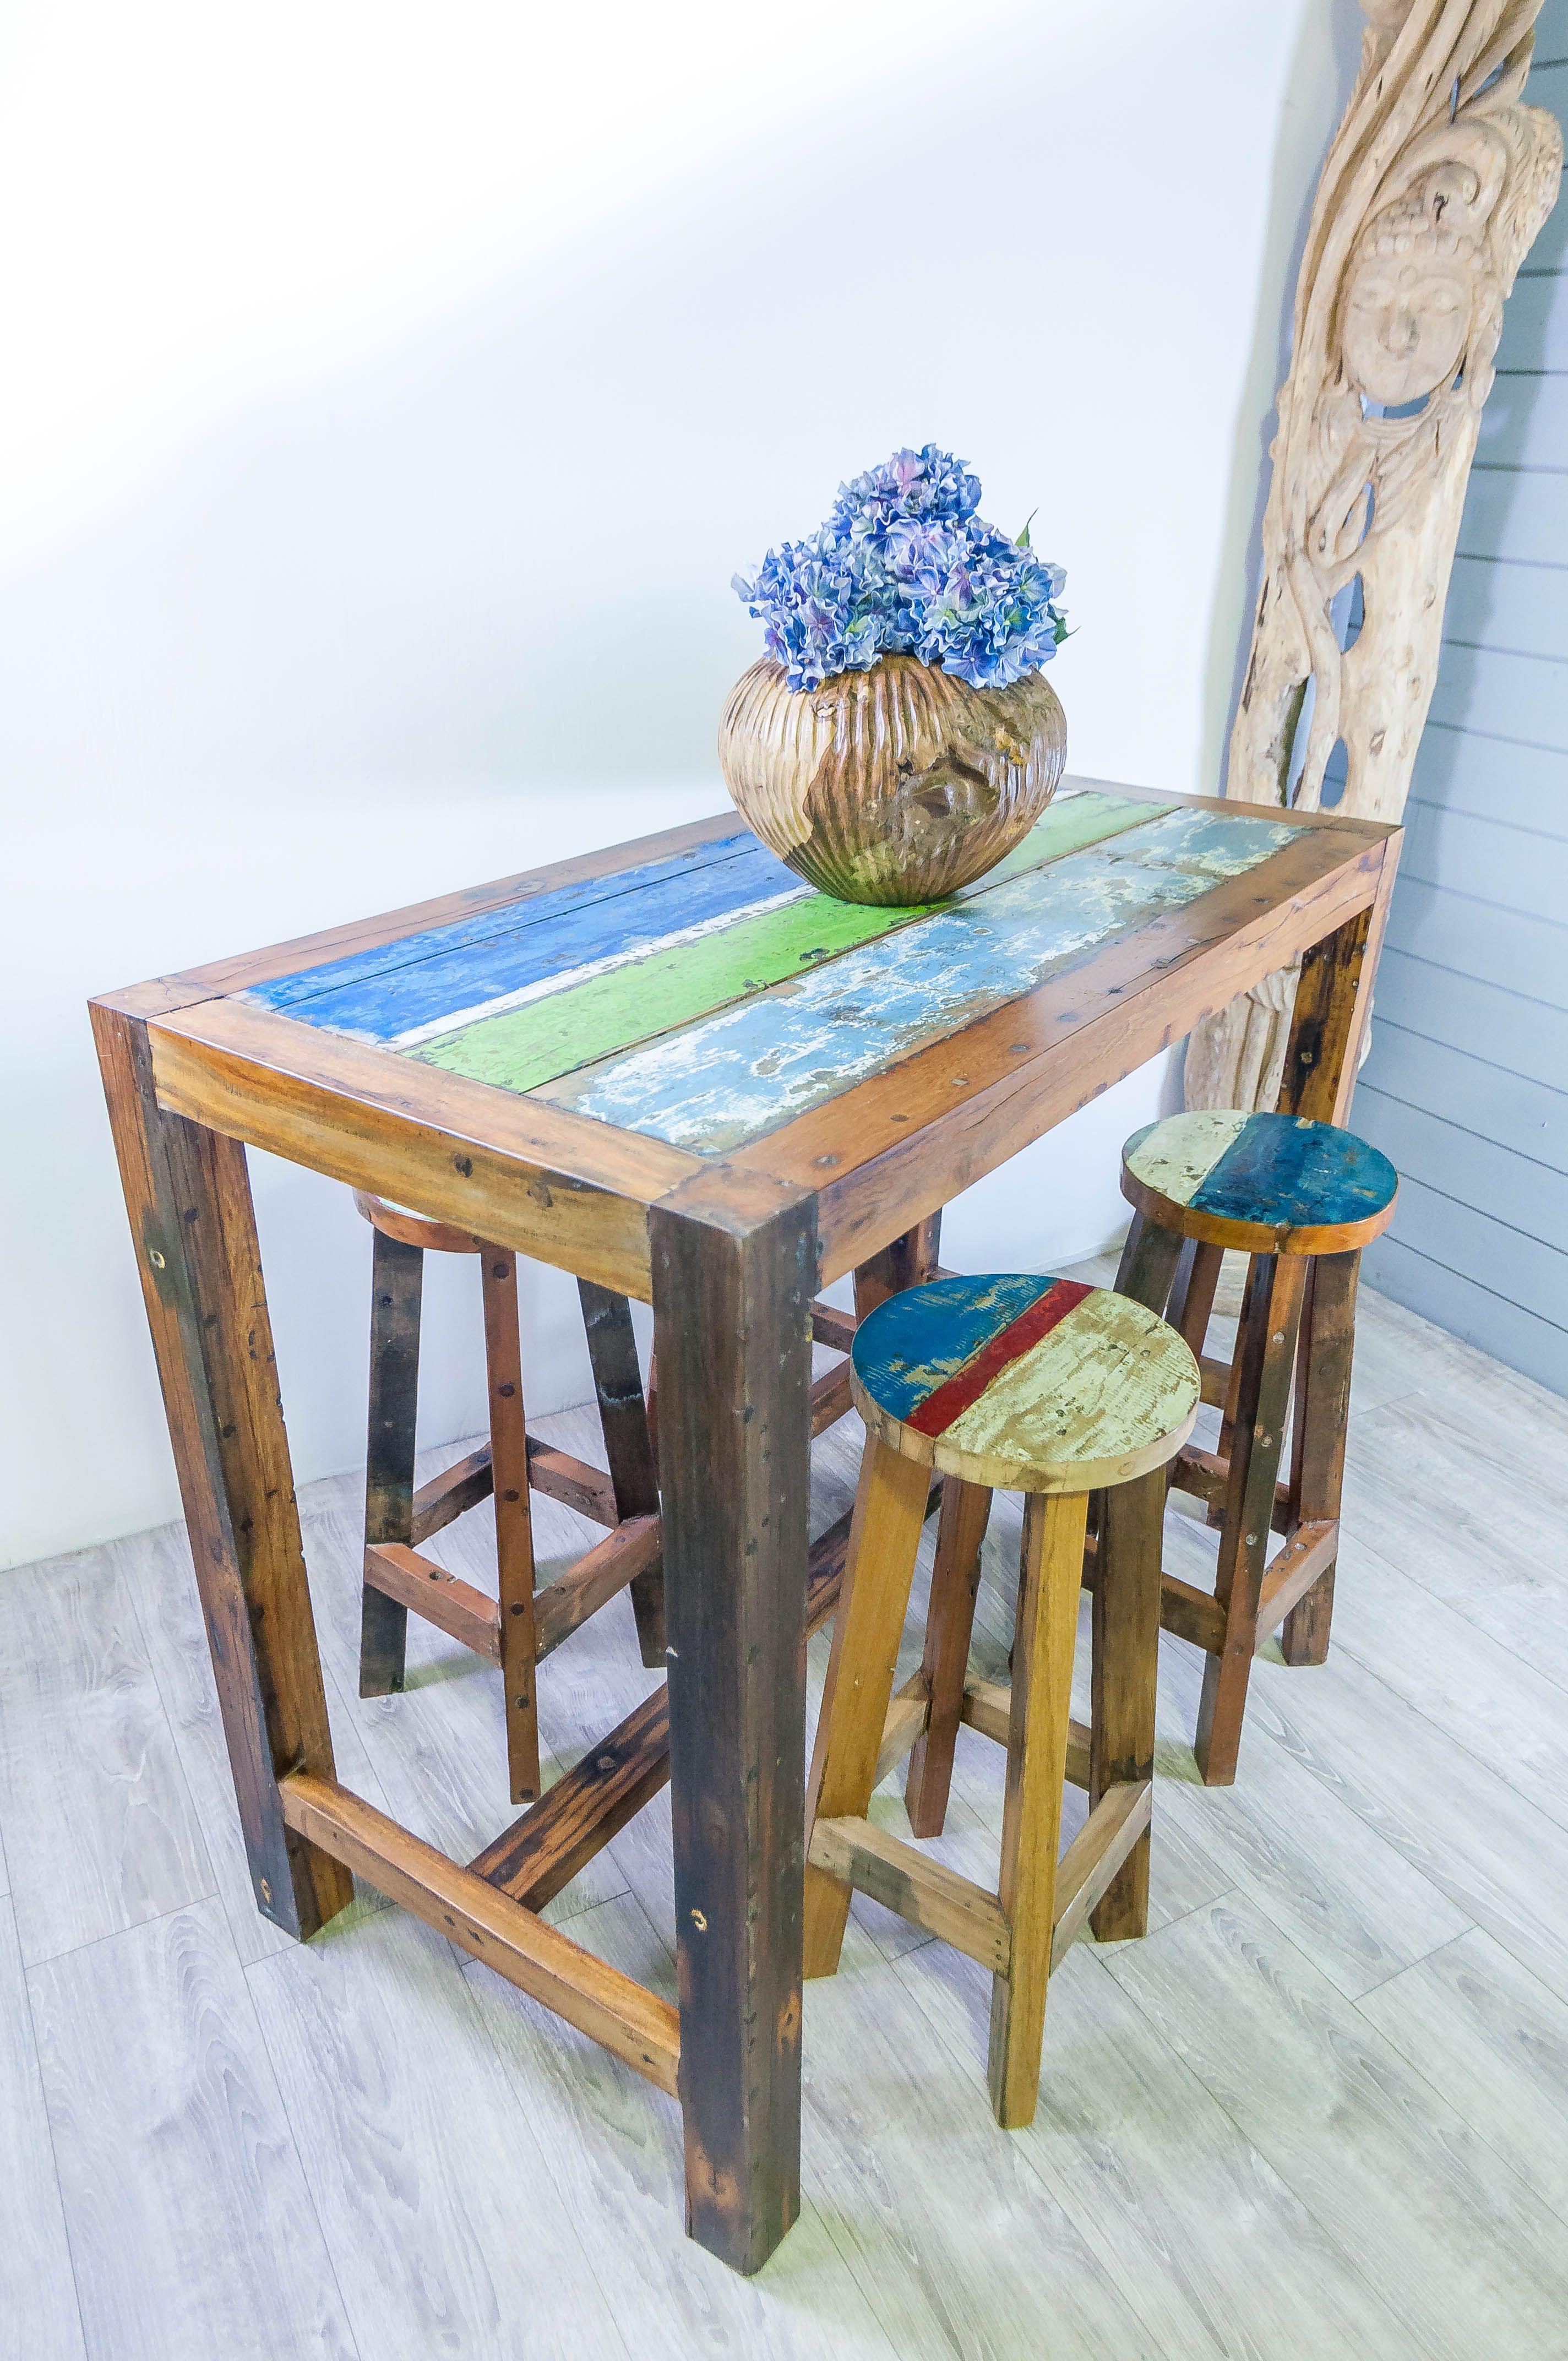 Gallery of meuble sjour table haute mangedebout en bois de pirogue with mange debout la foir fouille - Console en verre la foir fouille ...